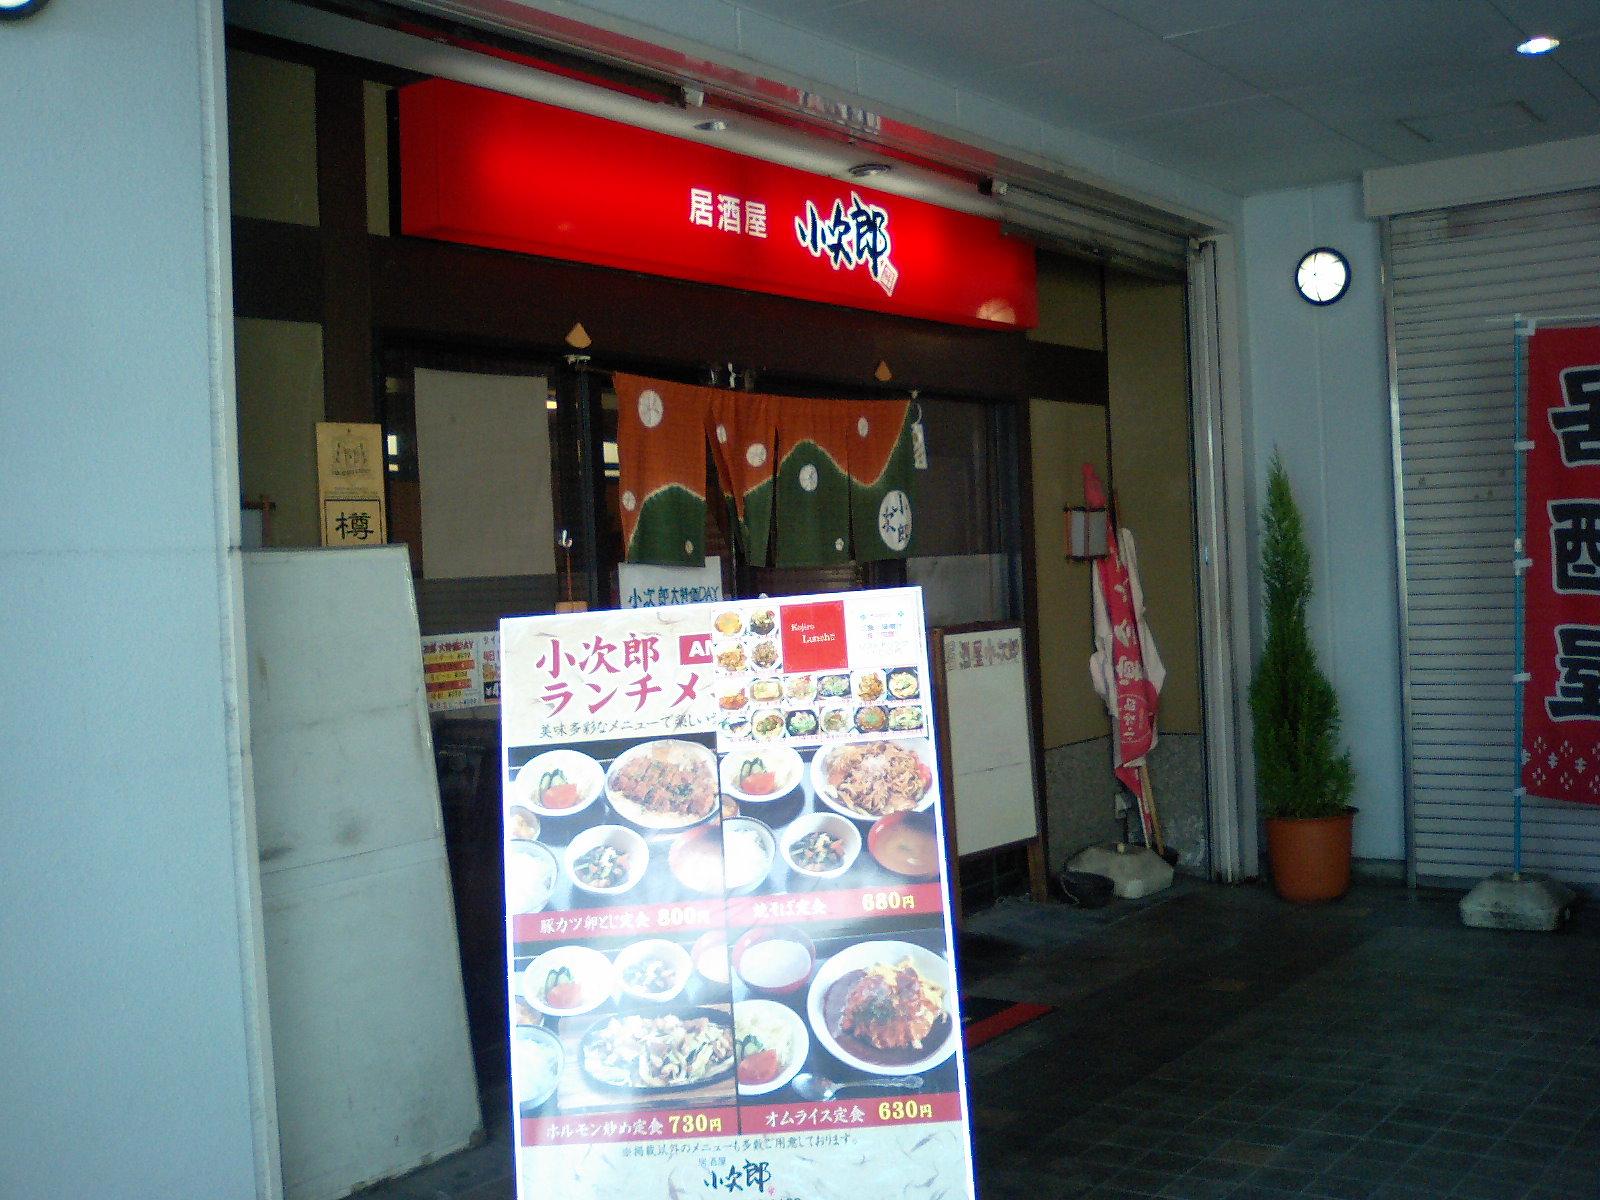 居酒屋 小次郎 南港店